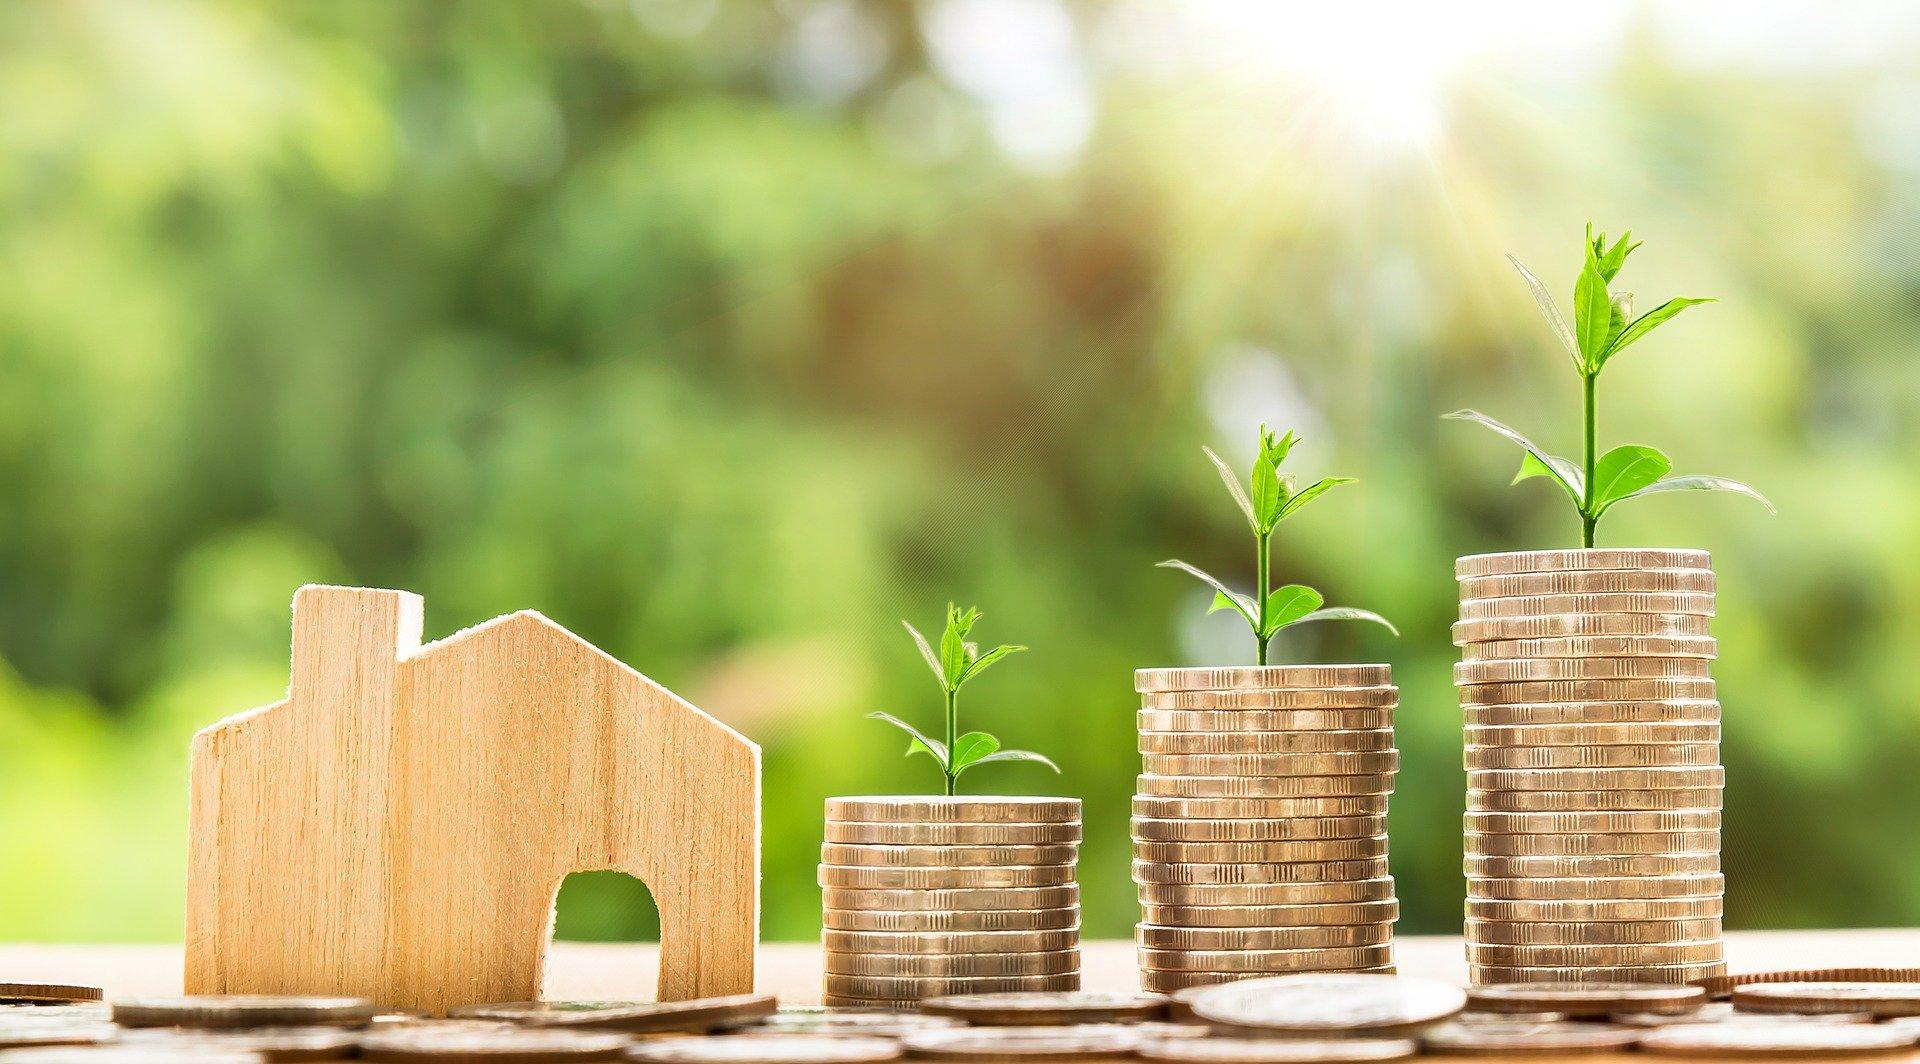 Comment augmenter la valeur de la maison